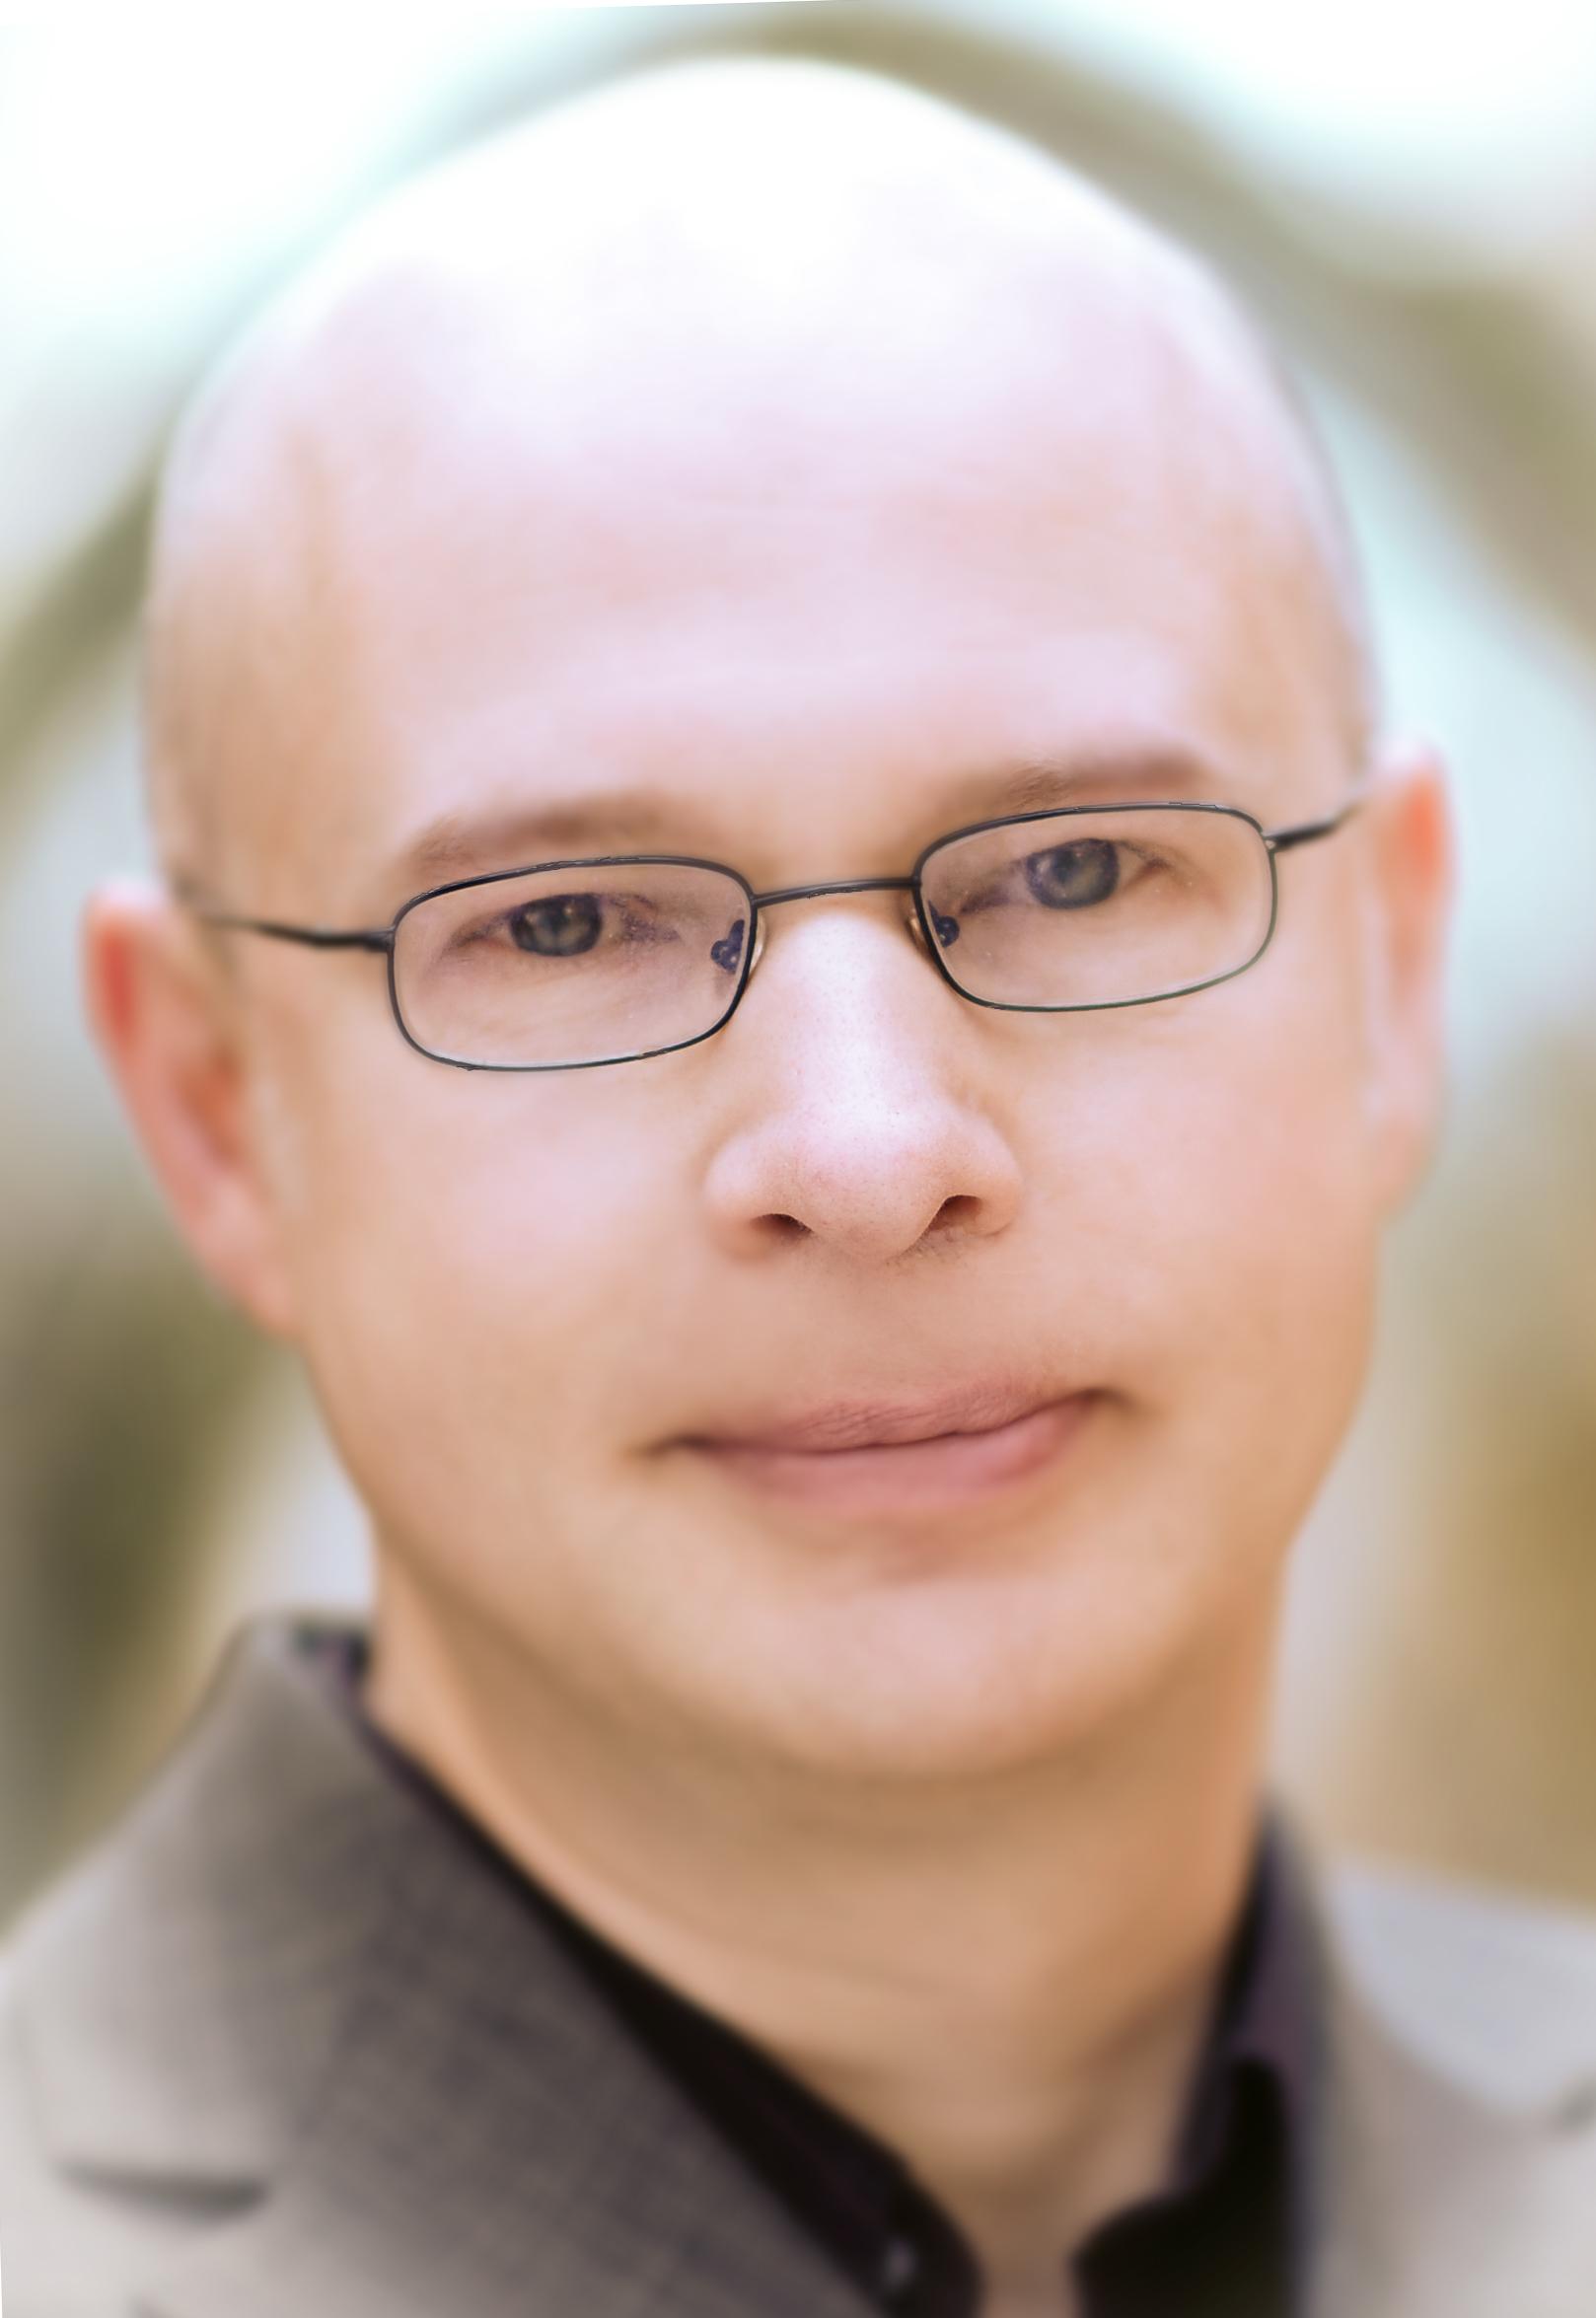 Eifersucht und Tiefenhypnose bei Dr. phil. Elmar Basse